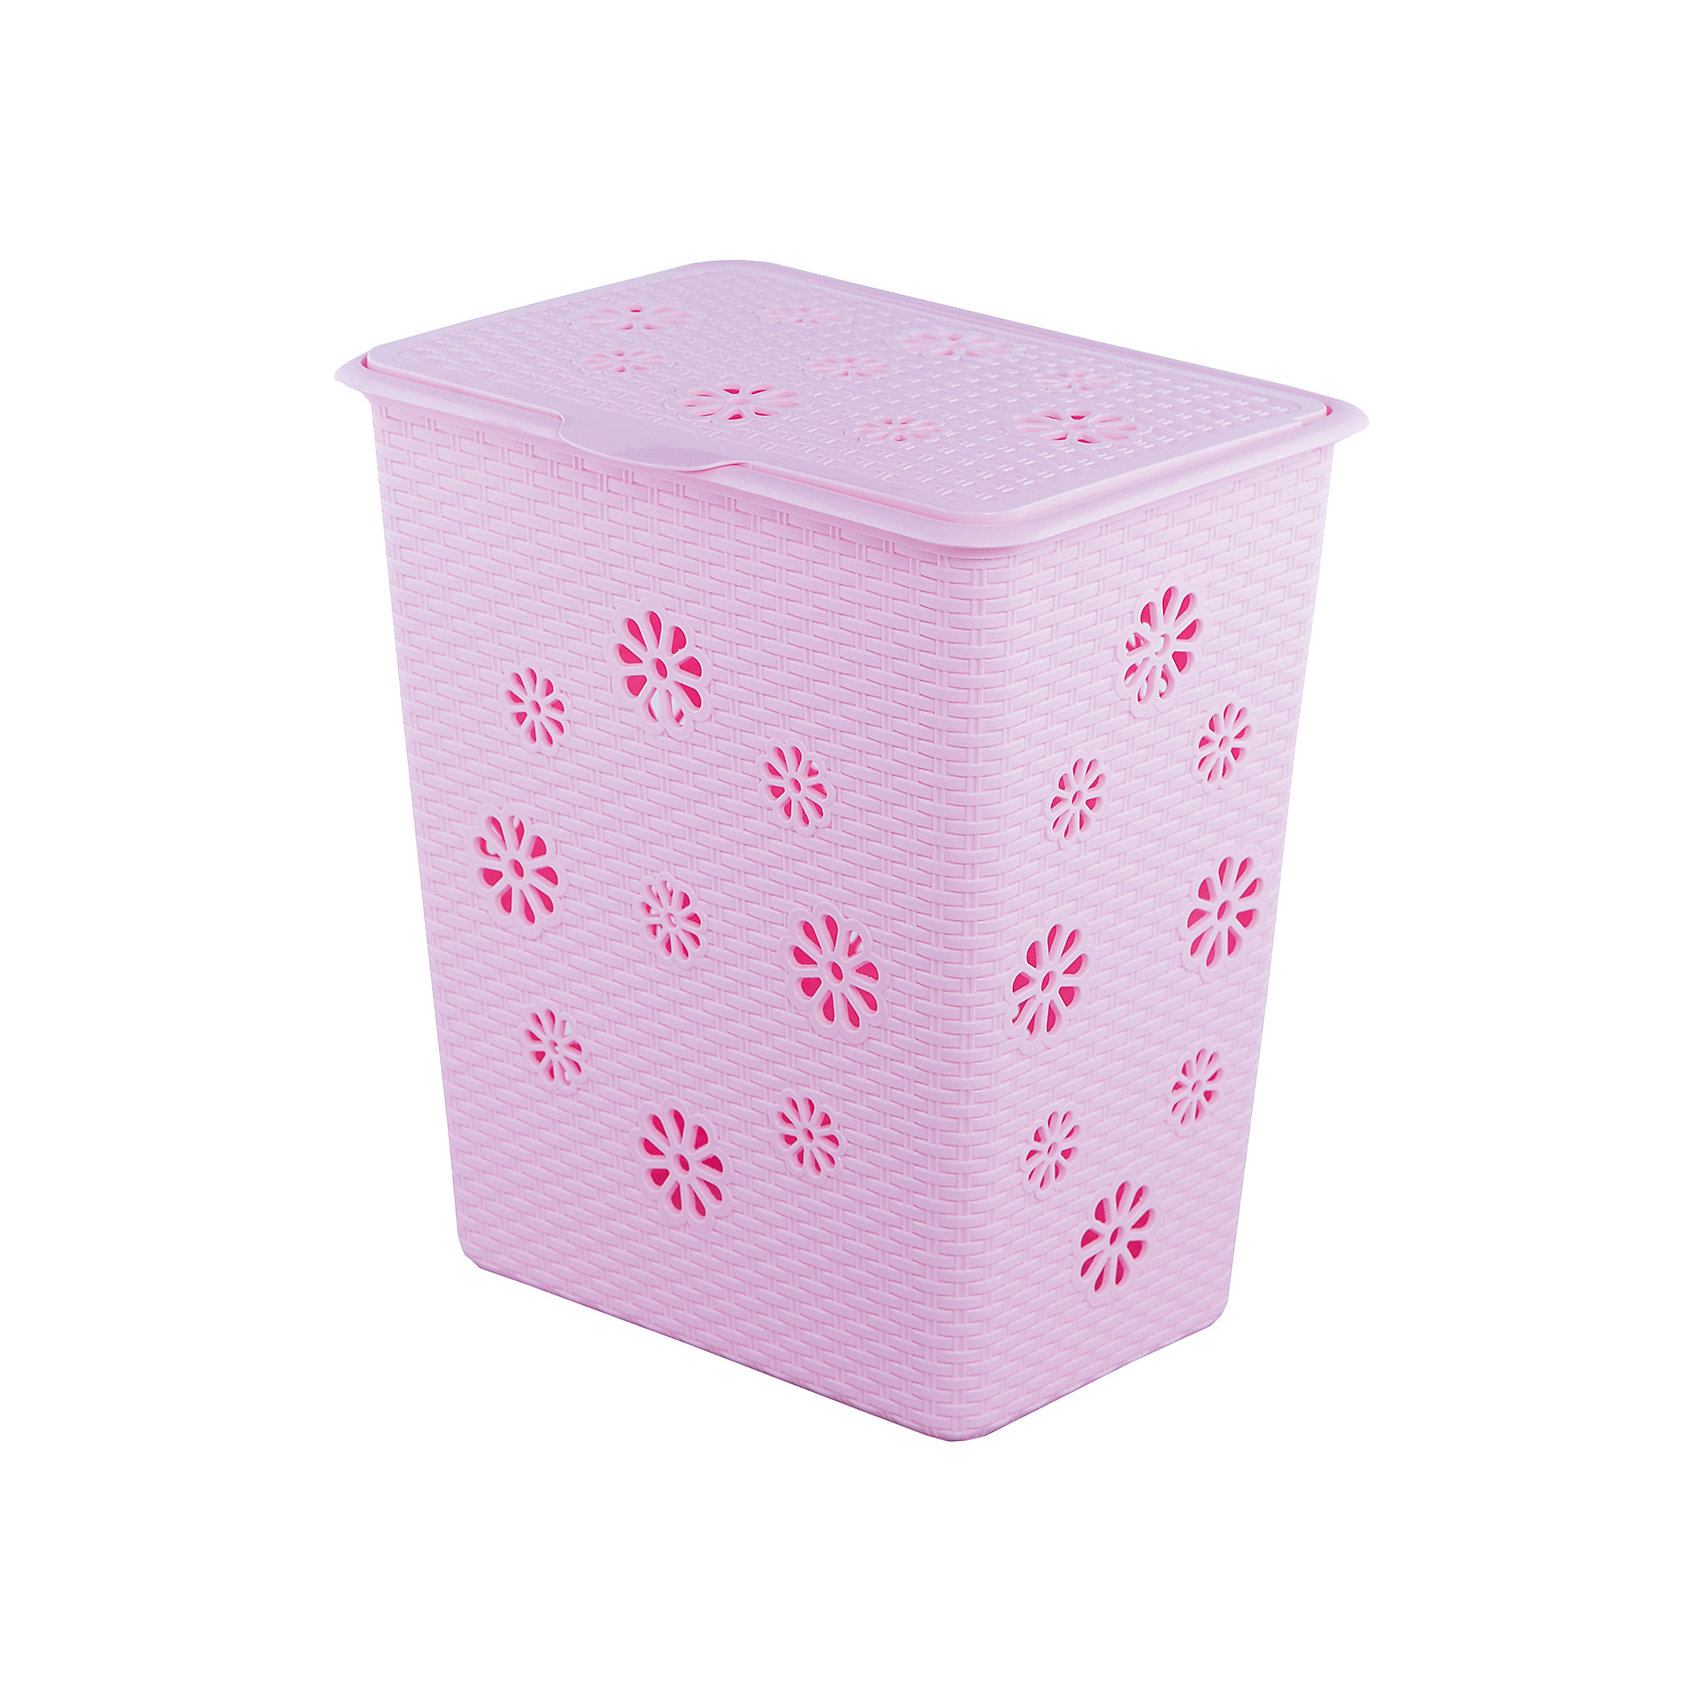 Корзина для белья Плетёнка 60л. , Alternativa, розовыйКорзины для белья<br>Характеристики:<br><br>• Предназначение: для белья<br>• Материал: пластик<br>• Цвет: розовый<br>• Размер (Д*Ш*В): 34*46*50,5 см<br>• Форма: прямоугольный<br>• Объем: 60 л<br>• Наличие крышки<br>• Особенности ухода: разрешается мыть теплой водой<br><br>Корзина для белья Плетёнка 60 л., Alternativa, розовый изготовлена отечественным производителем ООО ЗПИ Альтернатива, который специализируется на выпуске широкого спектра изделий из пластика. Корзина выполнена из экологически безопасного пластика, устойчивого к механическим повреждениям, корпус оформлен имитацией плетения из лозы, по сторонам корзины имеются отверстия в форме цветов, которые обеспечивают циркуляцию воздуха, в комплекте предусмотрена крышка. Изделие имеет удобную форму, достаточно легкое в уходе. Корзину для белья Плетёнка 60 л., Alternativa, розовую можно использовать не только для белья, но и для хранения игрушек.<br><br>Корзину для белья Плетёнка 60 л., Alternativa, розовую можно купить в нашем интернет-магазине.<br><br>Ширина мм: 340<br>Глубина мм: 460<br>Высота мм: 505<br>Вес г: 2007<br>Возраст от месяцев: -2147483648<br>Возраст до месяцев: 2147483647<br>Пол: Женский<br>Возраст: Детский<br>SKU: 5096610